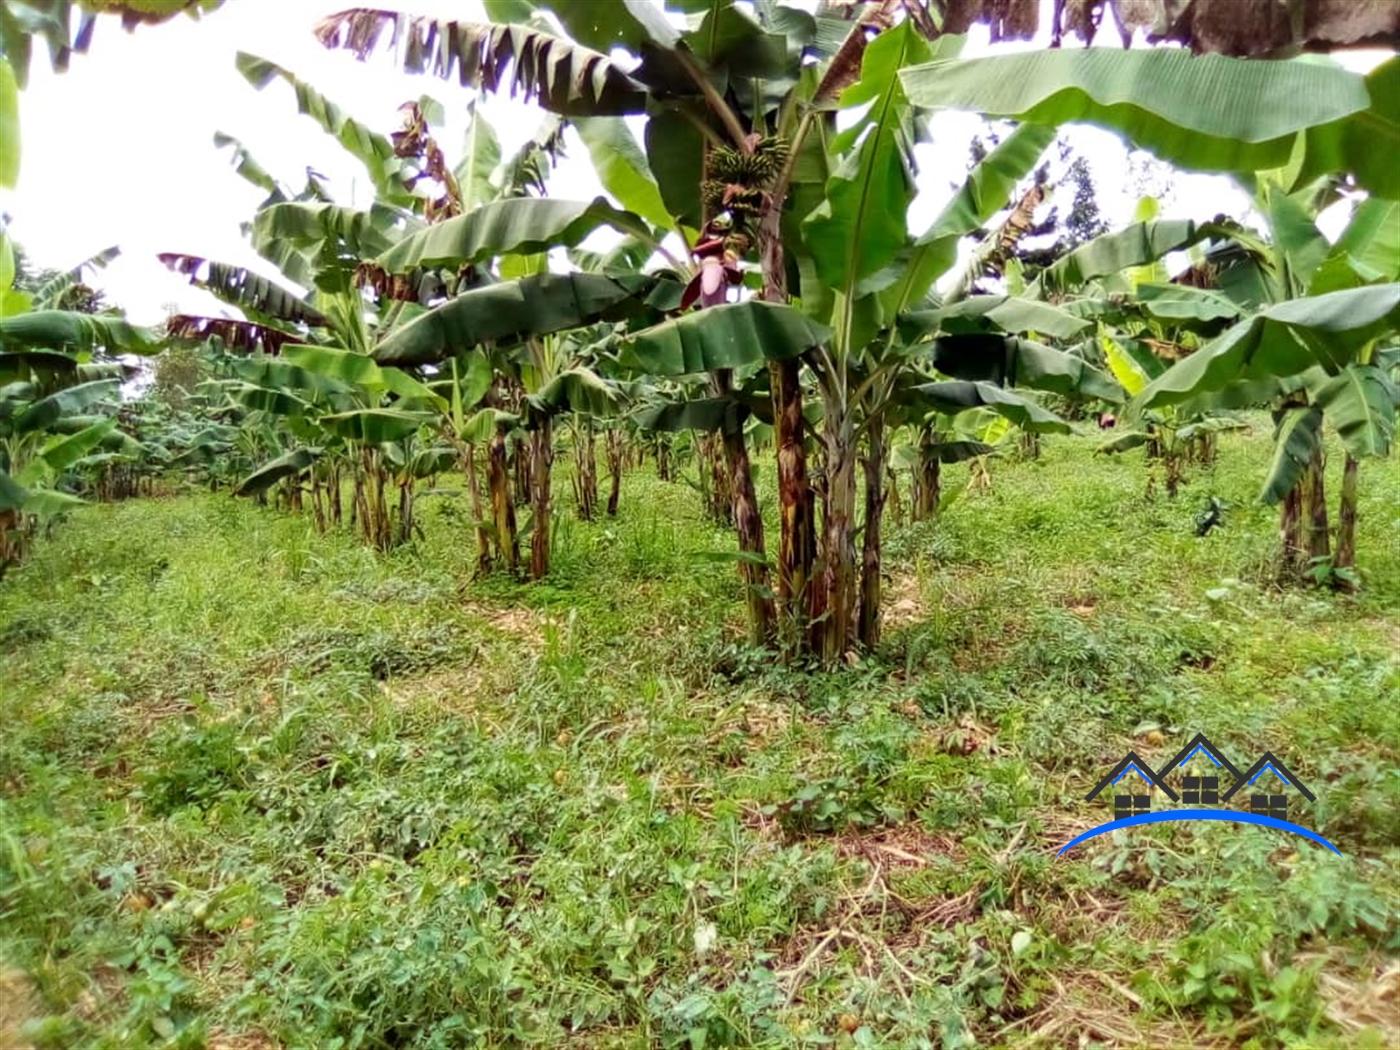 Residential Land for sale in Ntenjjeru Mukono